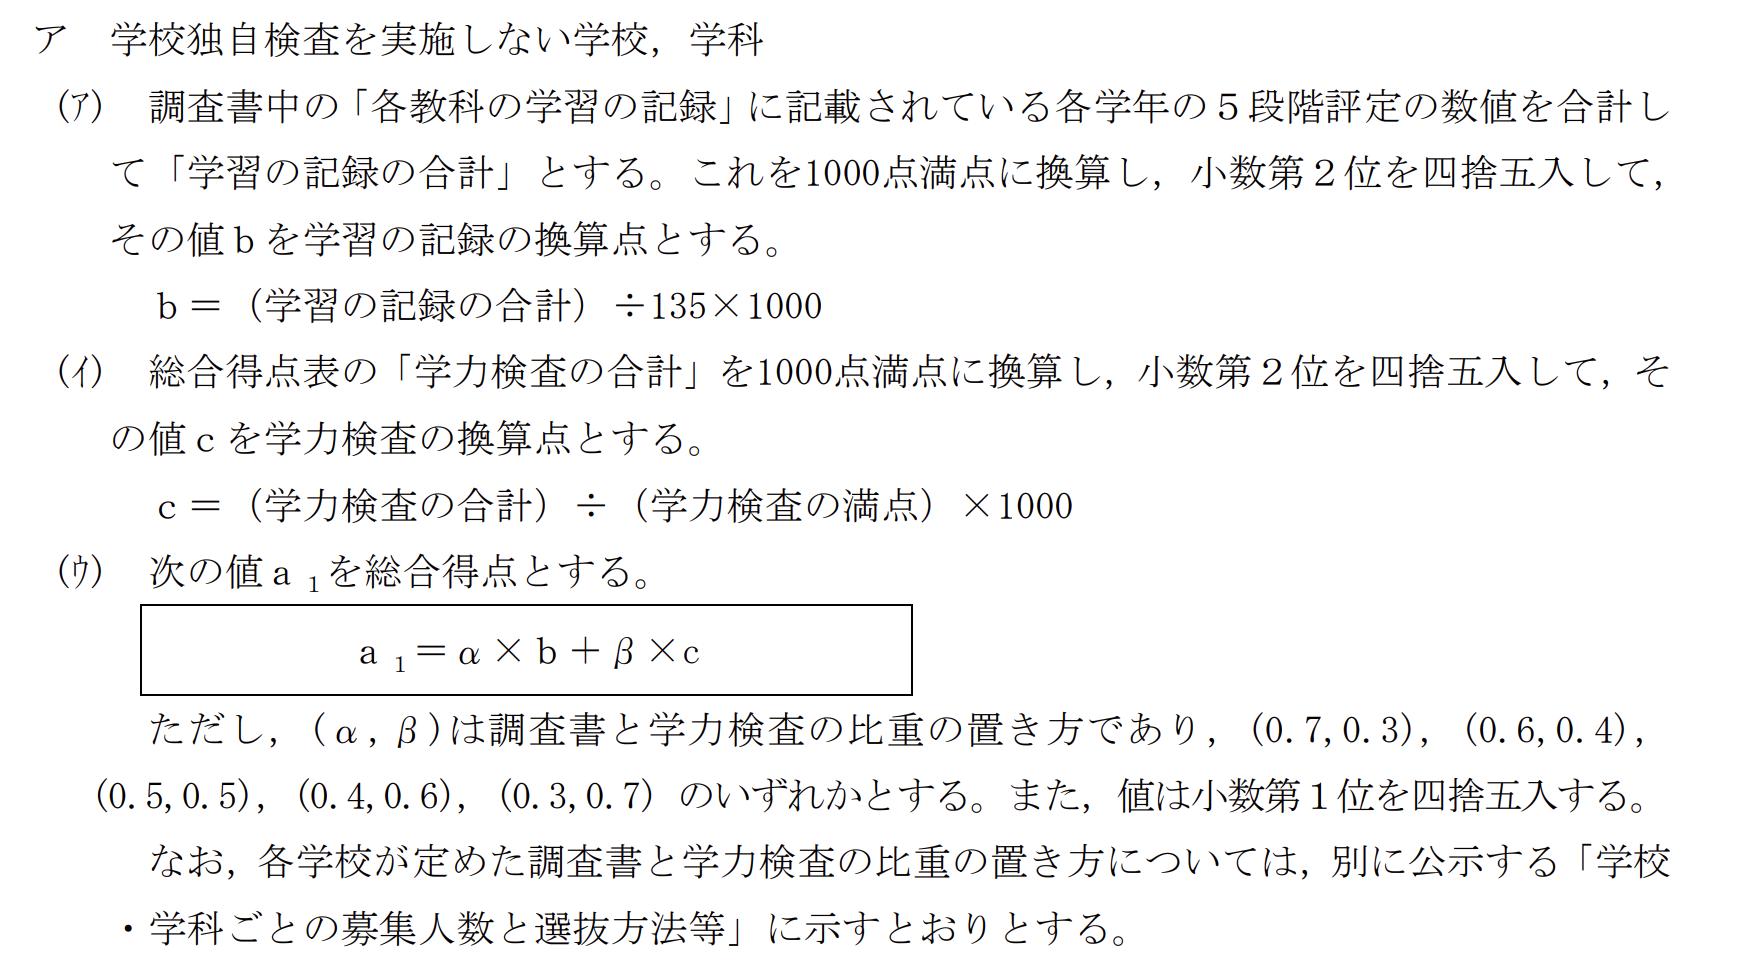 新潟県公立高校入試制度1